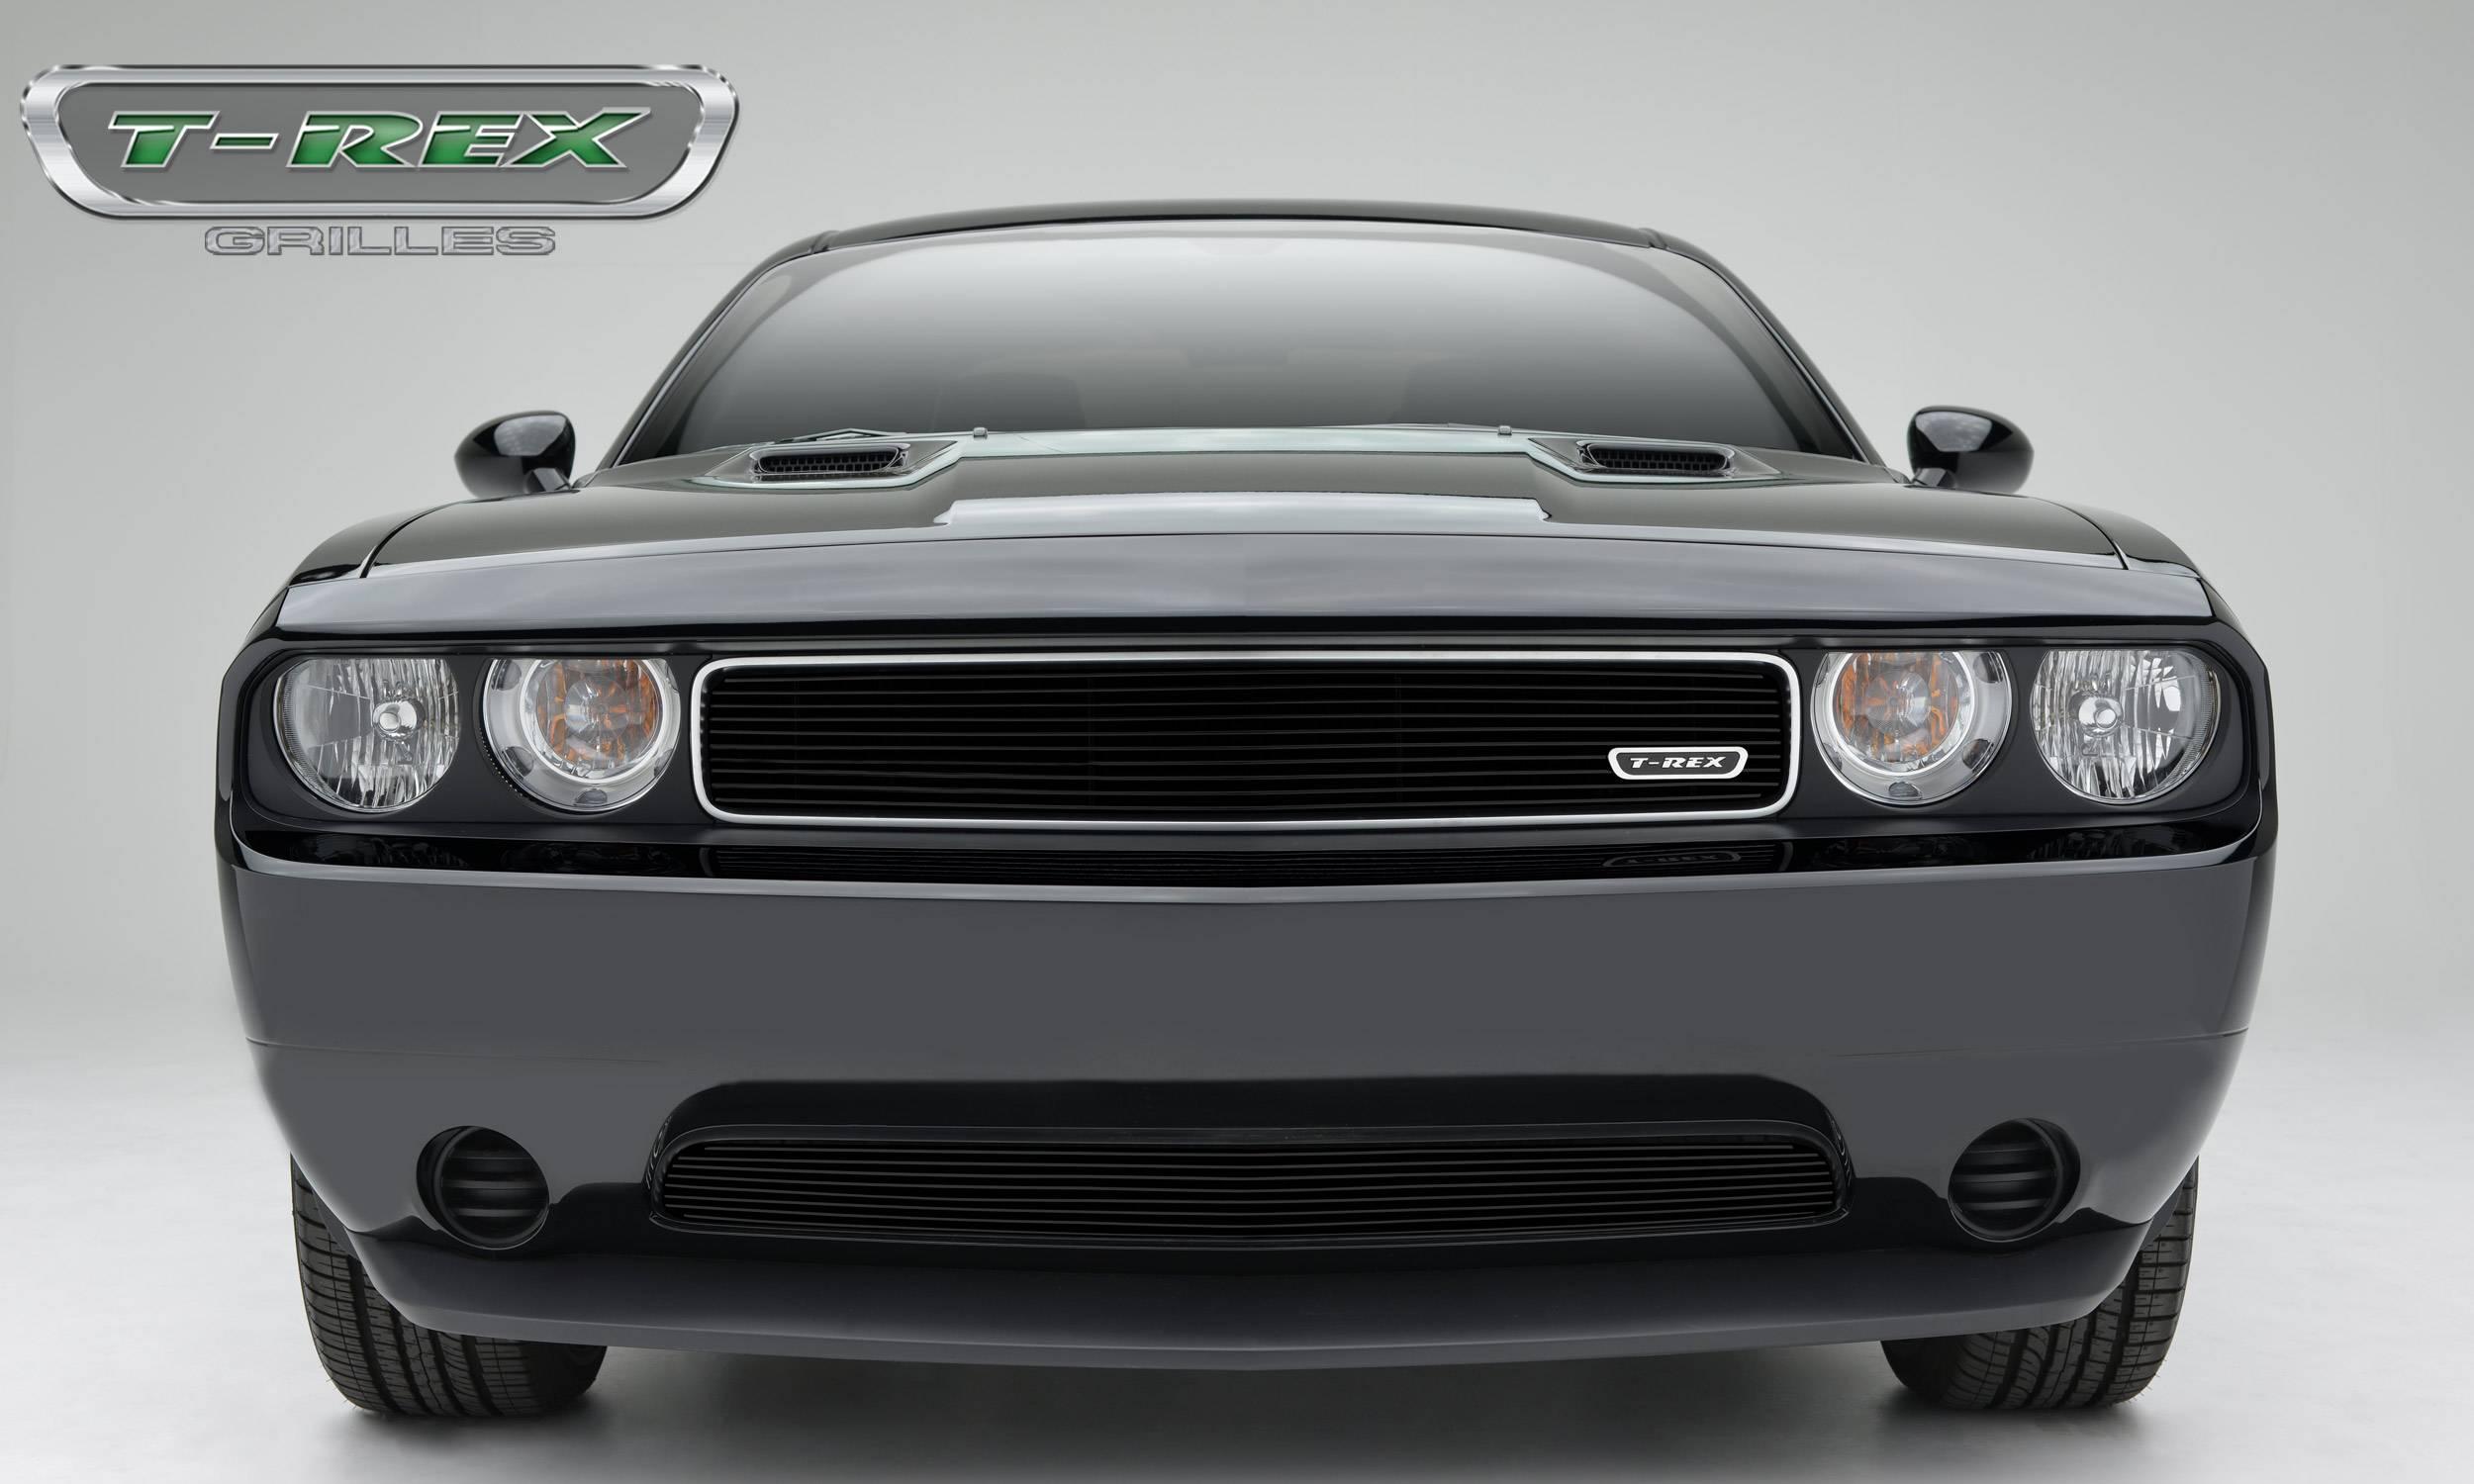 T-REX Grilles - Dodge Challenger - Main - Billet Grille Insert - Black - Pt # 21415B